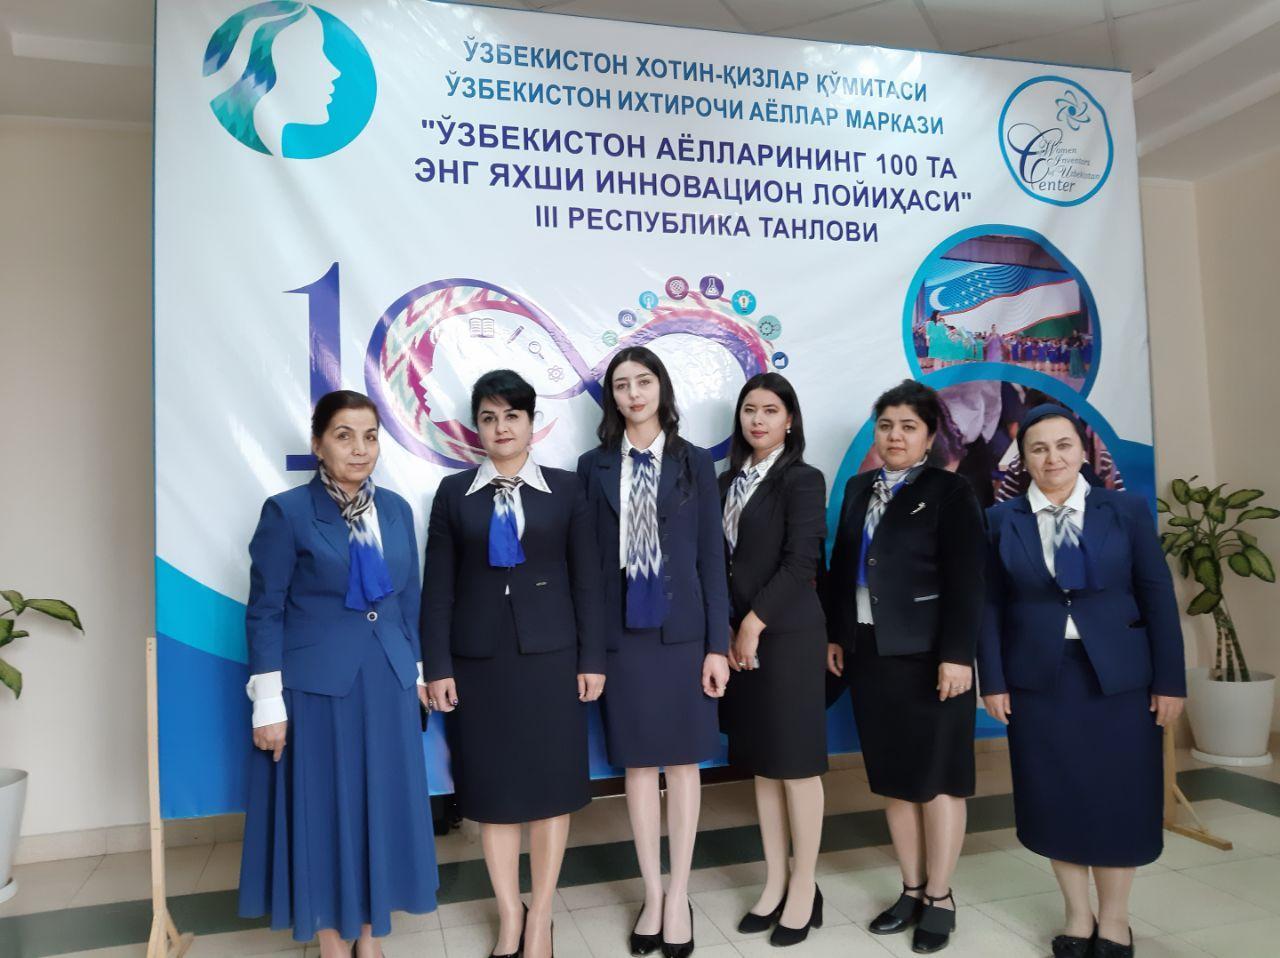 100 Best Innovative Projects of women of Uzbekistan